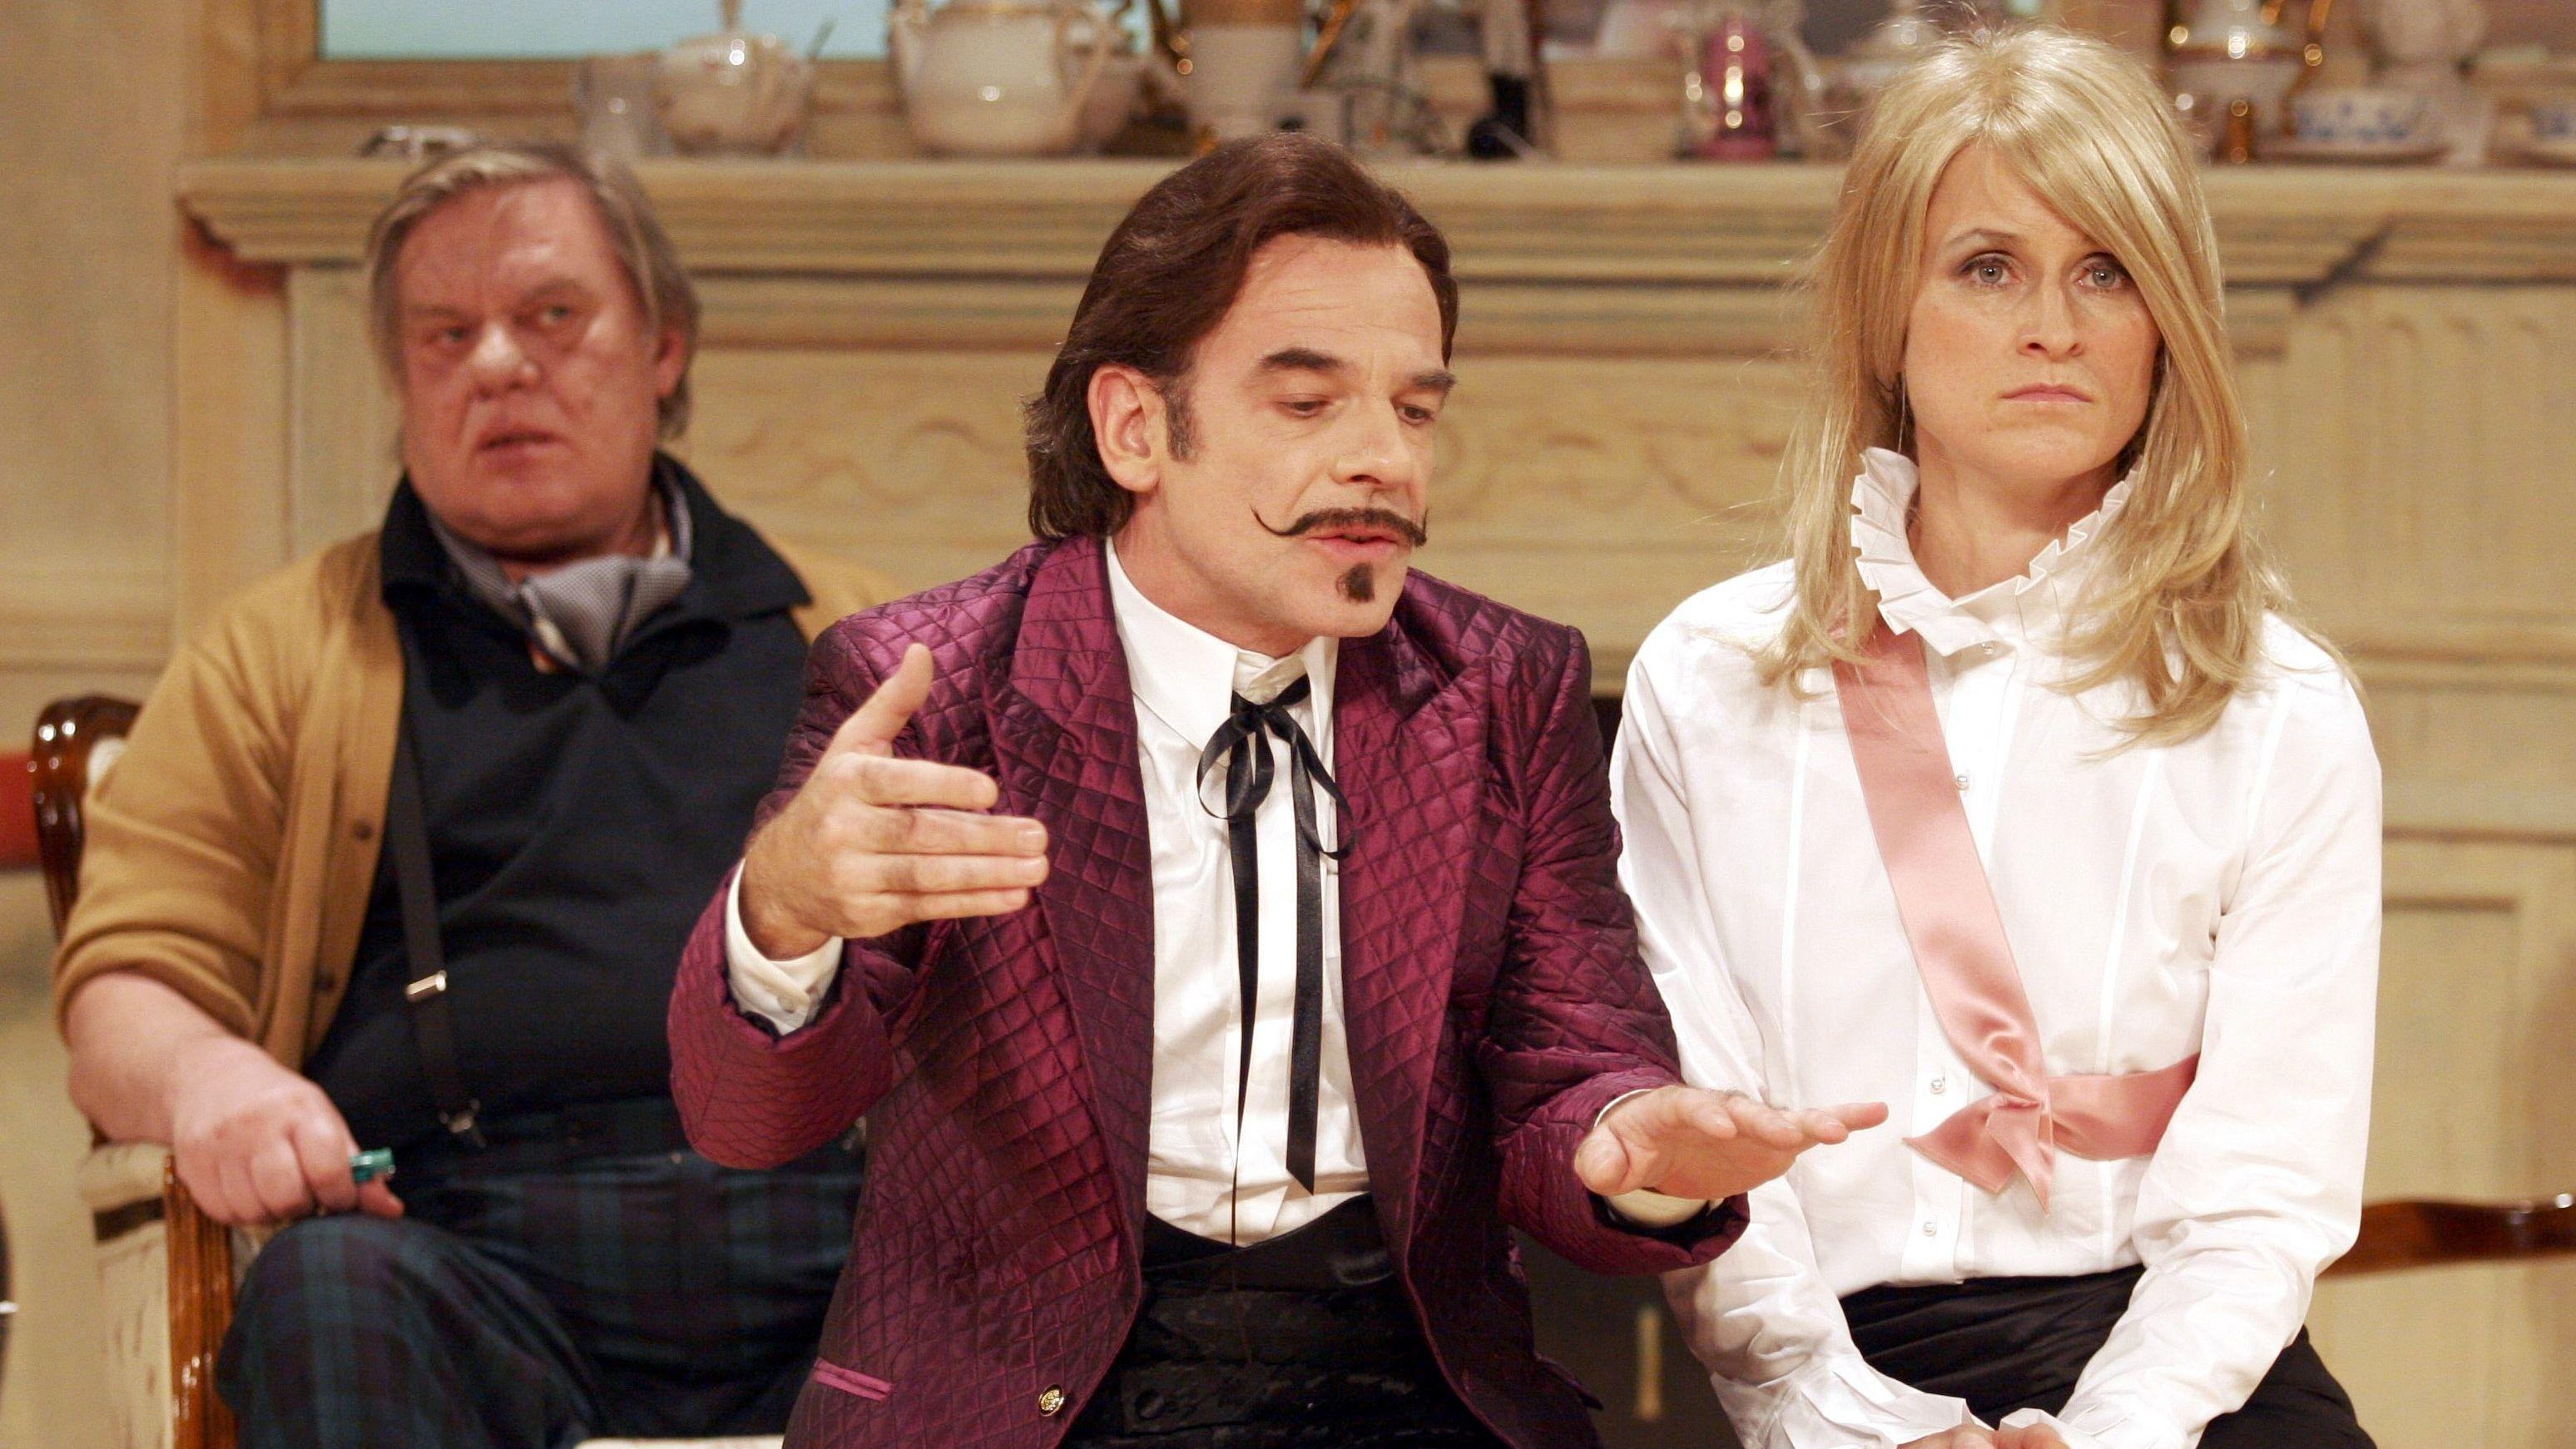 """Die Schauspieler Volker Spengler, Martin Wuttke und Sophie Rois, hier in dem von Pollesch inszenierten eigenen Stück """"L' affaire Martin! etc."""""""